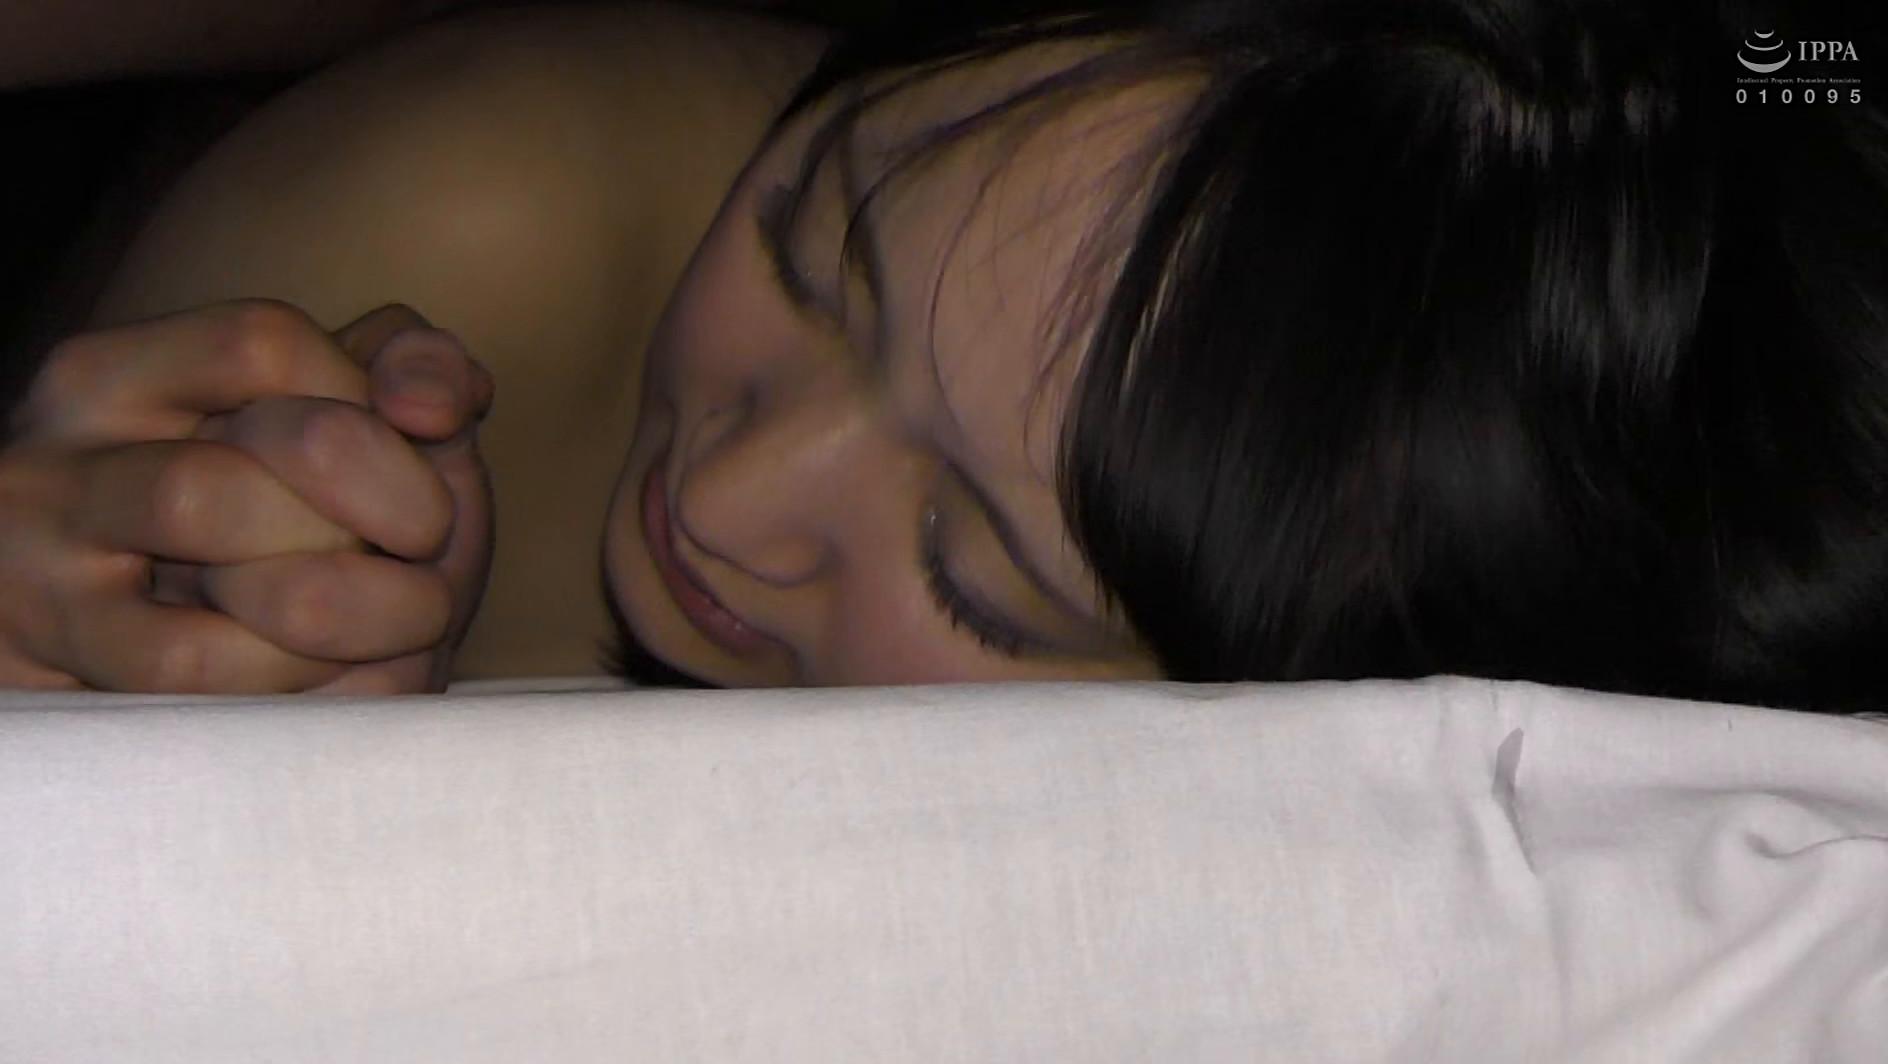 【衝撃リア凸・巨乳J○】合宿中の女子部屋 忍び込んでみたwwwついでにチ●コも凸してみた。【美巨乳少女と声我慢SEX】 画像17